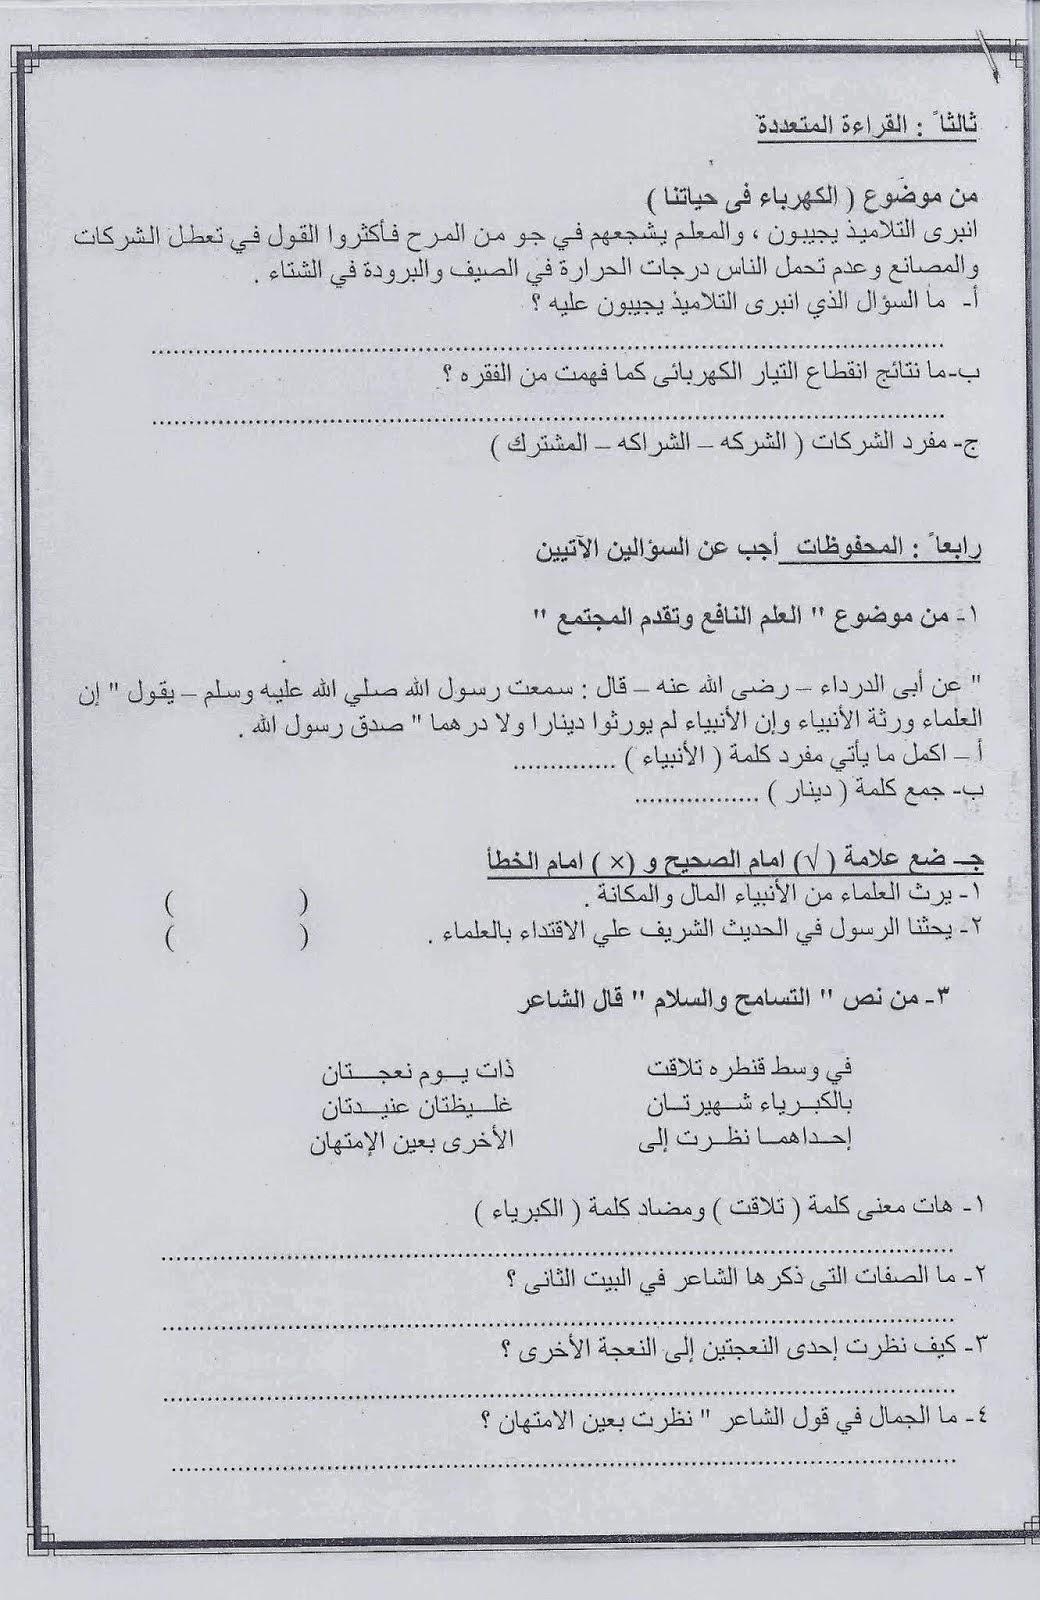 امتحانات كل مواد الصف الخامس الابتدائي الترم الأول 2015 مدارس مصر حكومى و لغات scan0097.jpg